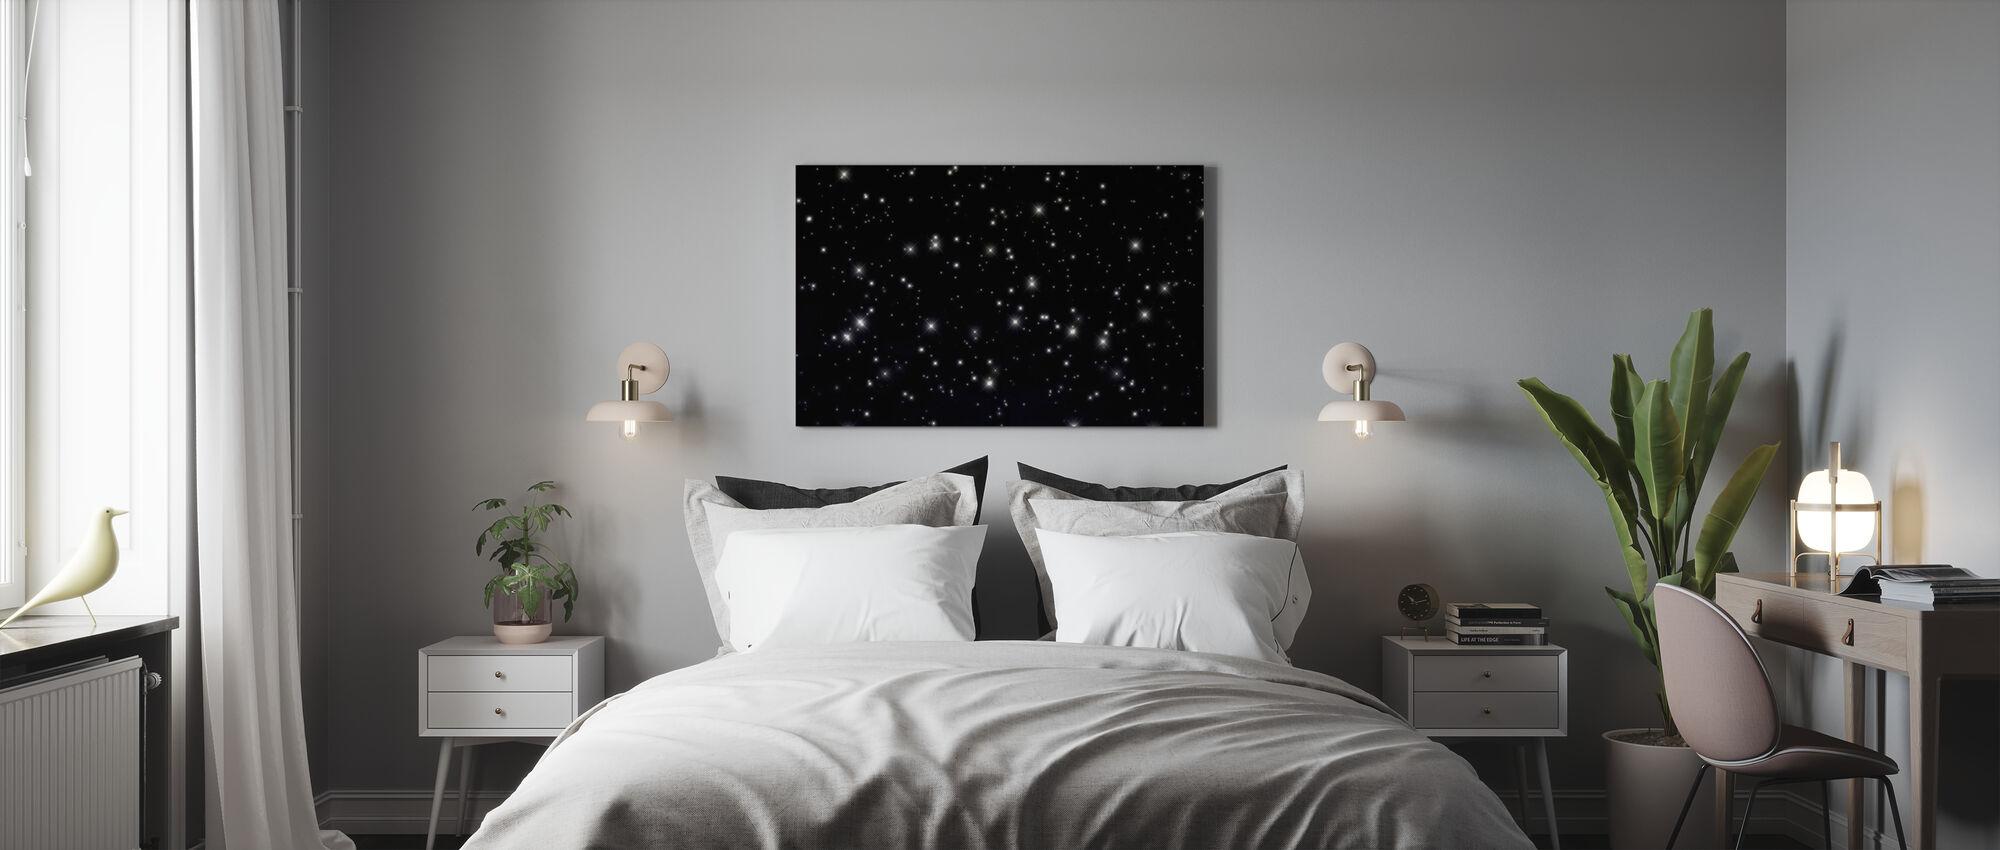 Espace étoilé - Impression sur toile - Chambre